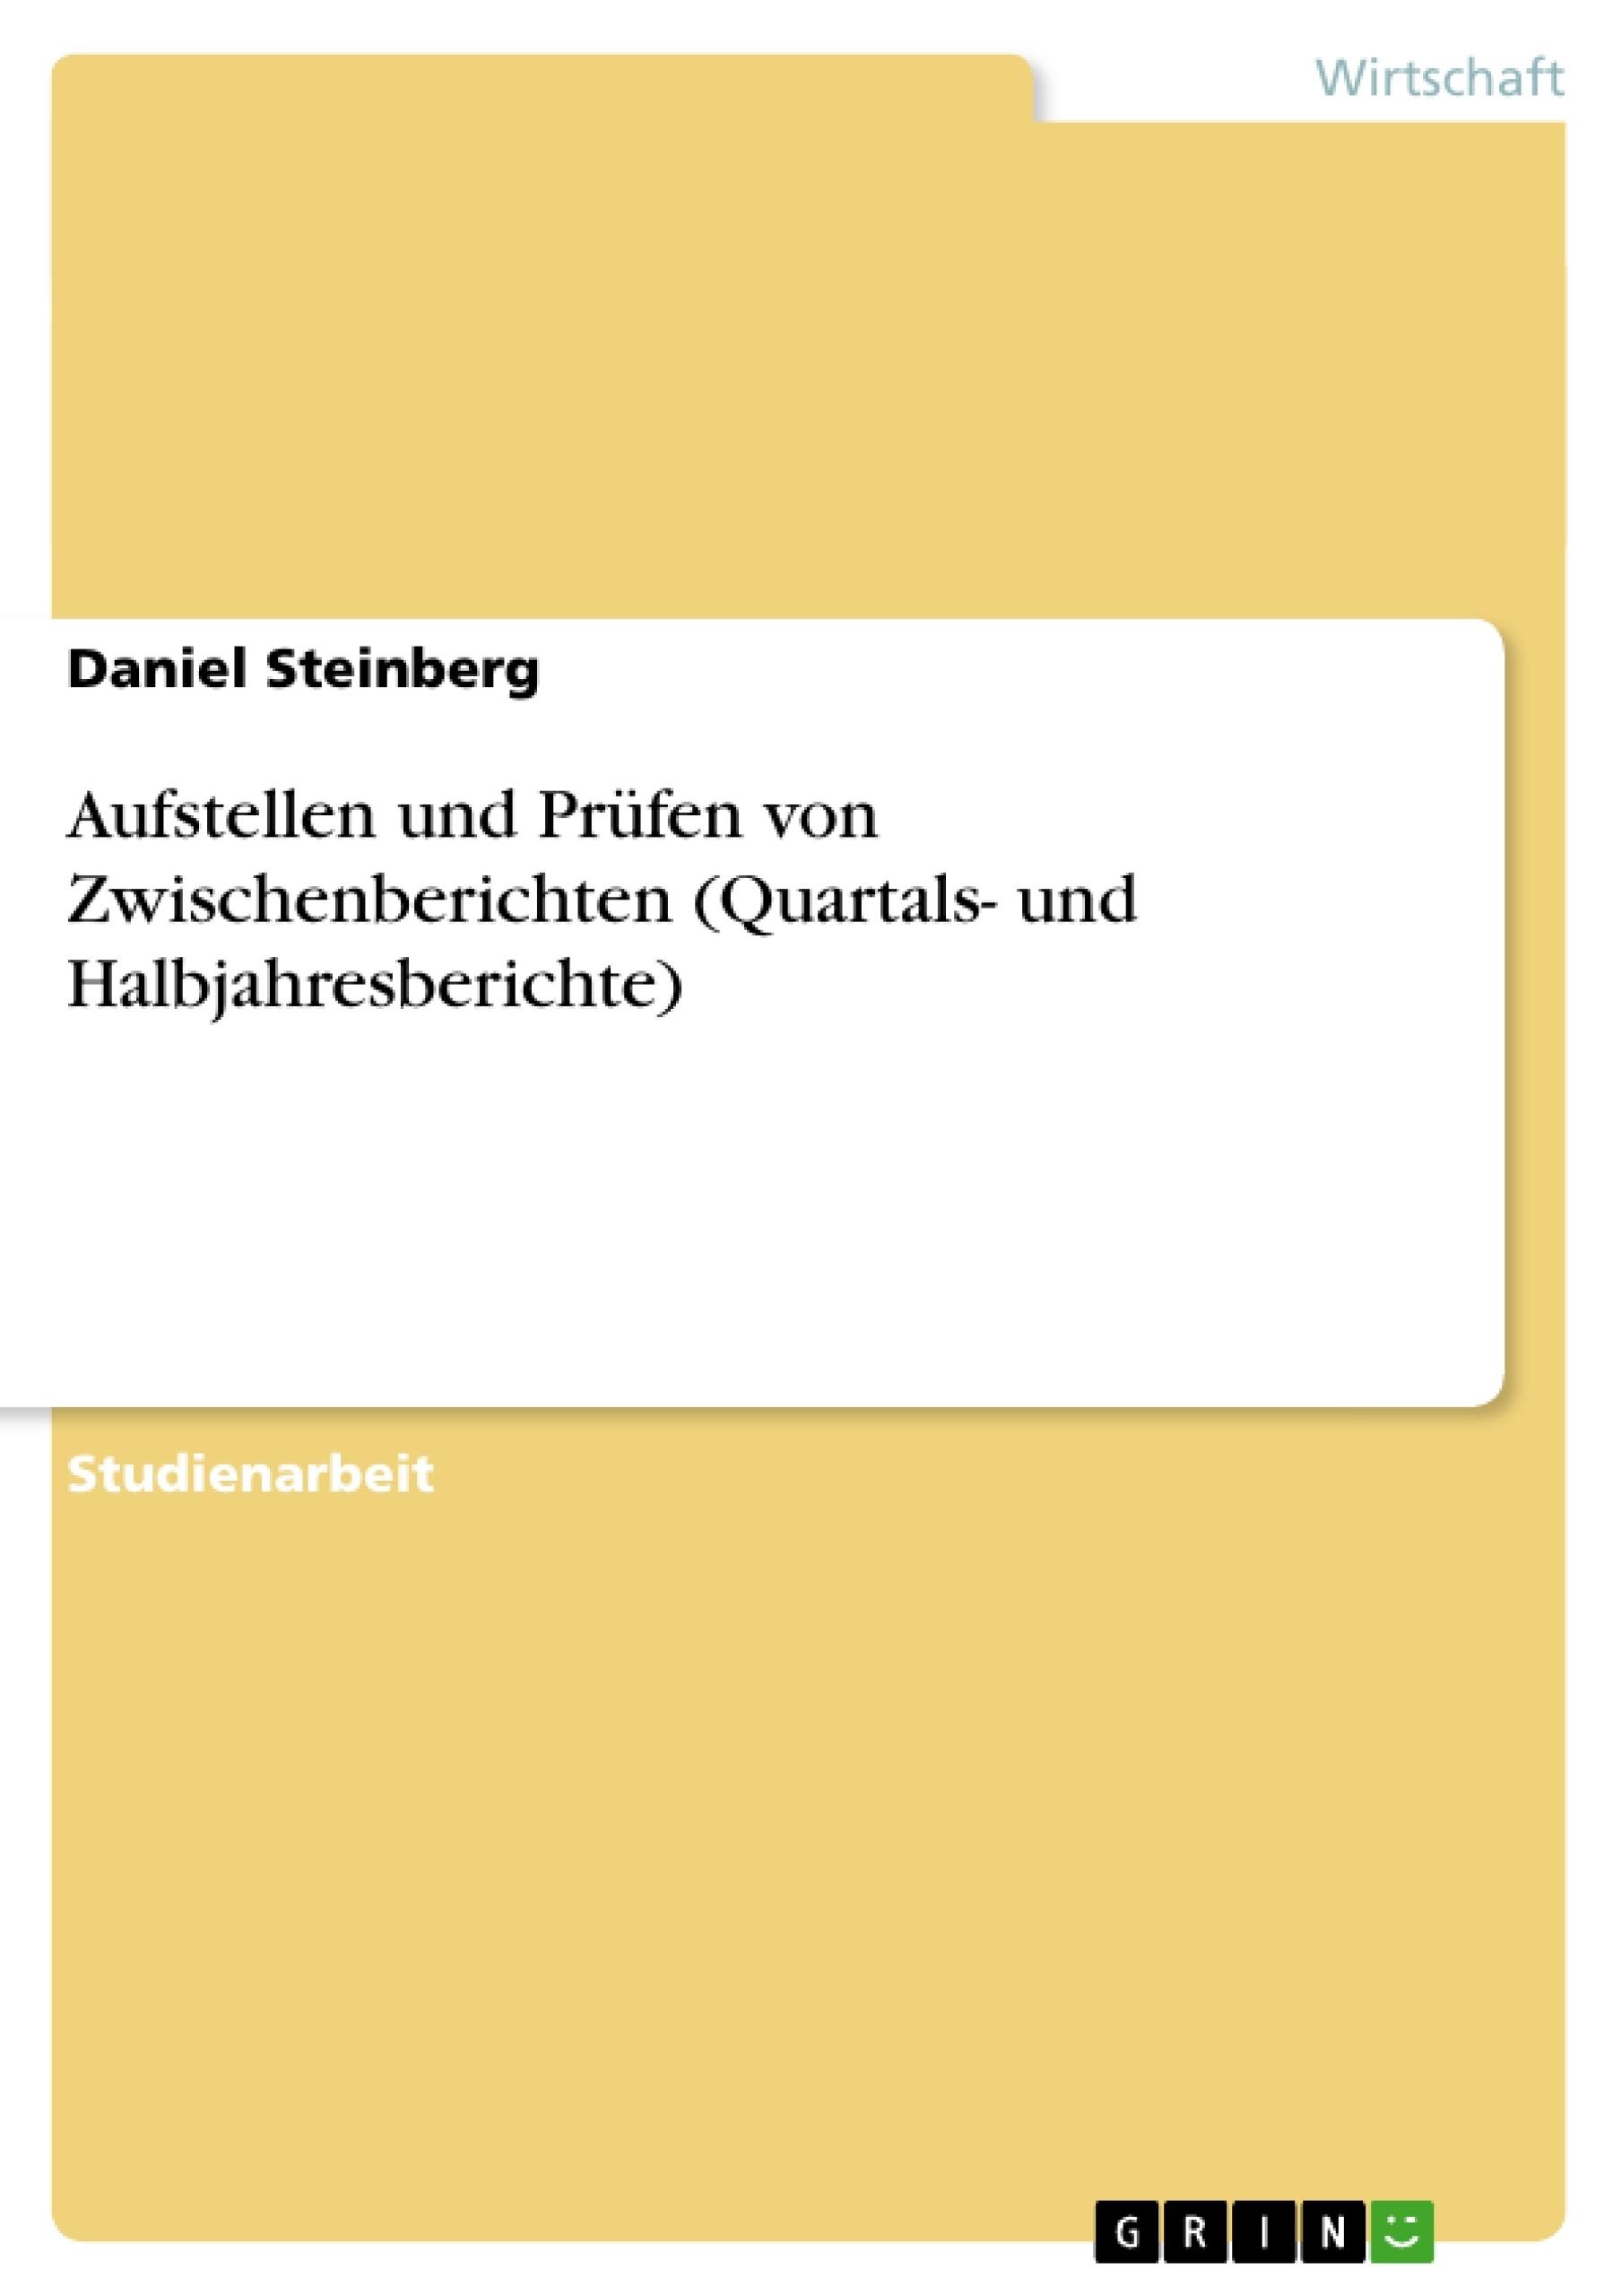 Titel: Aufstellen und Prüfen von Zwischenberichten (Quartals- und Halbjahresberichte)